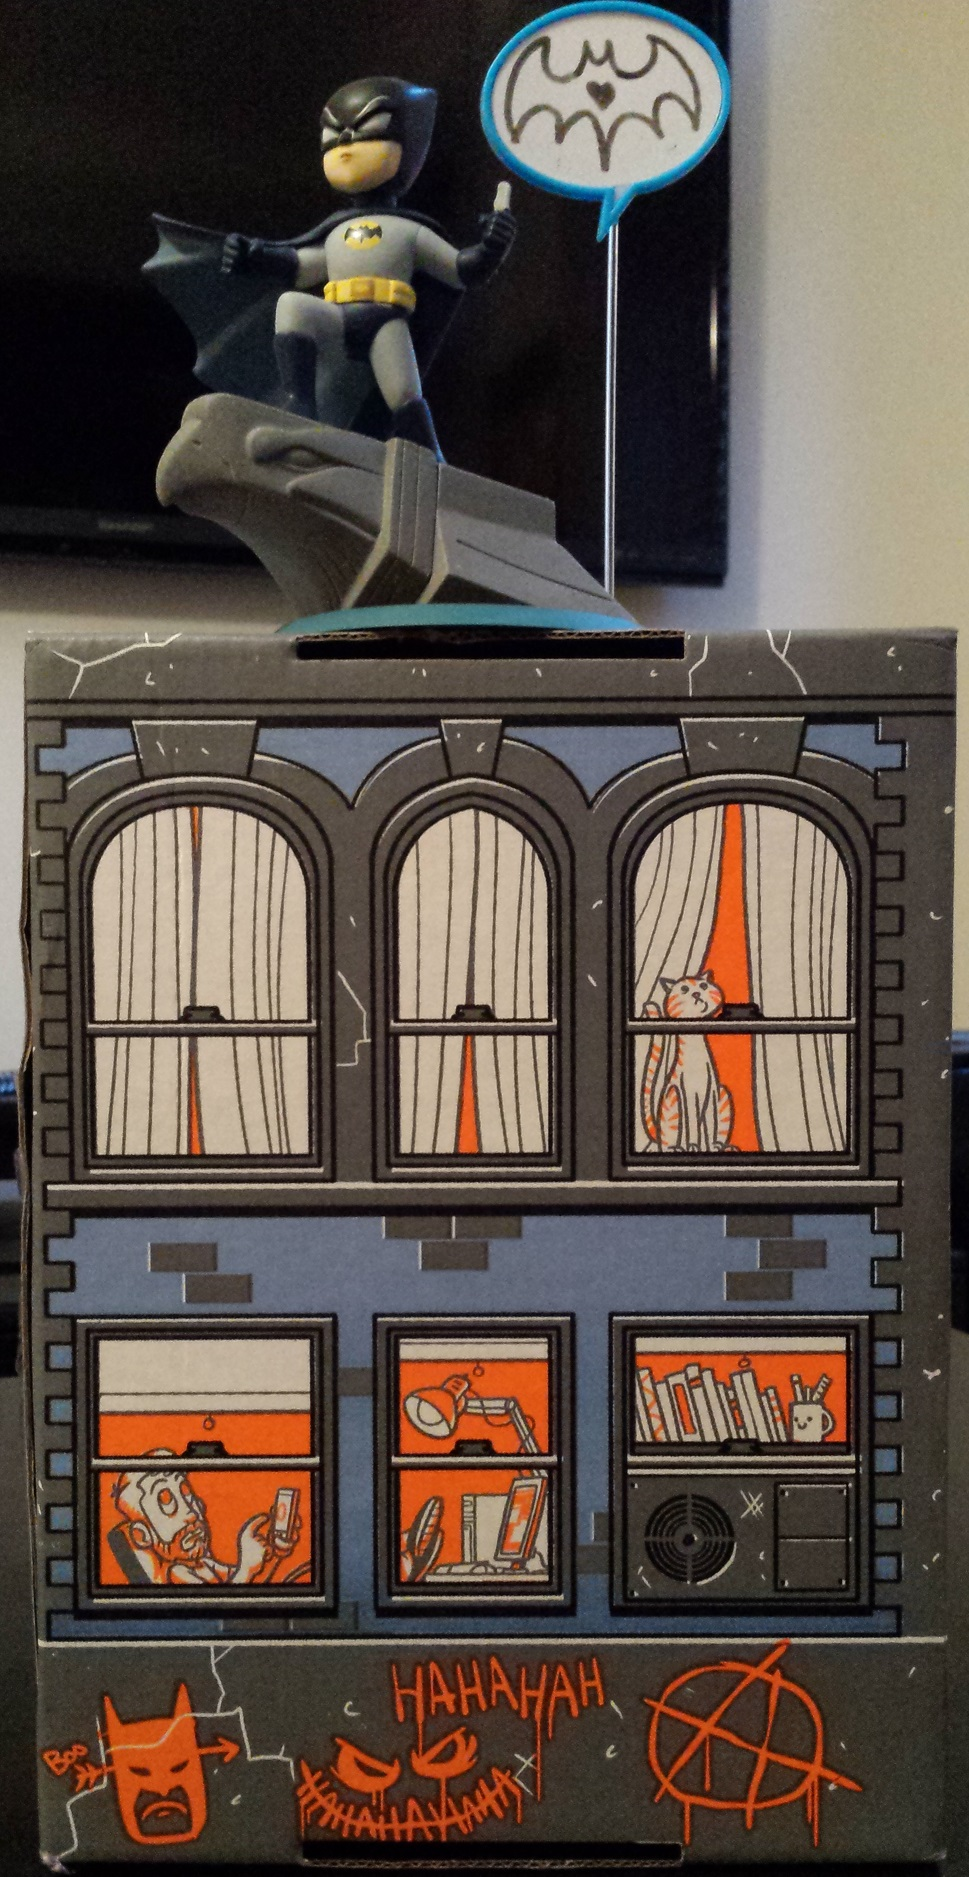 Joker graffiti on loot crate box